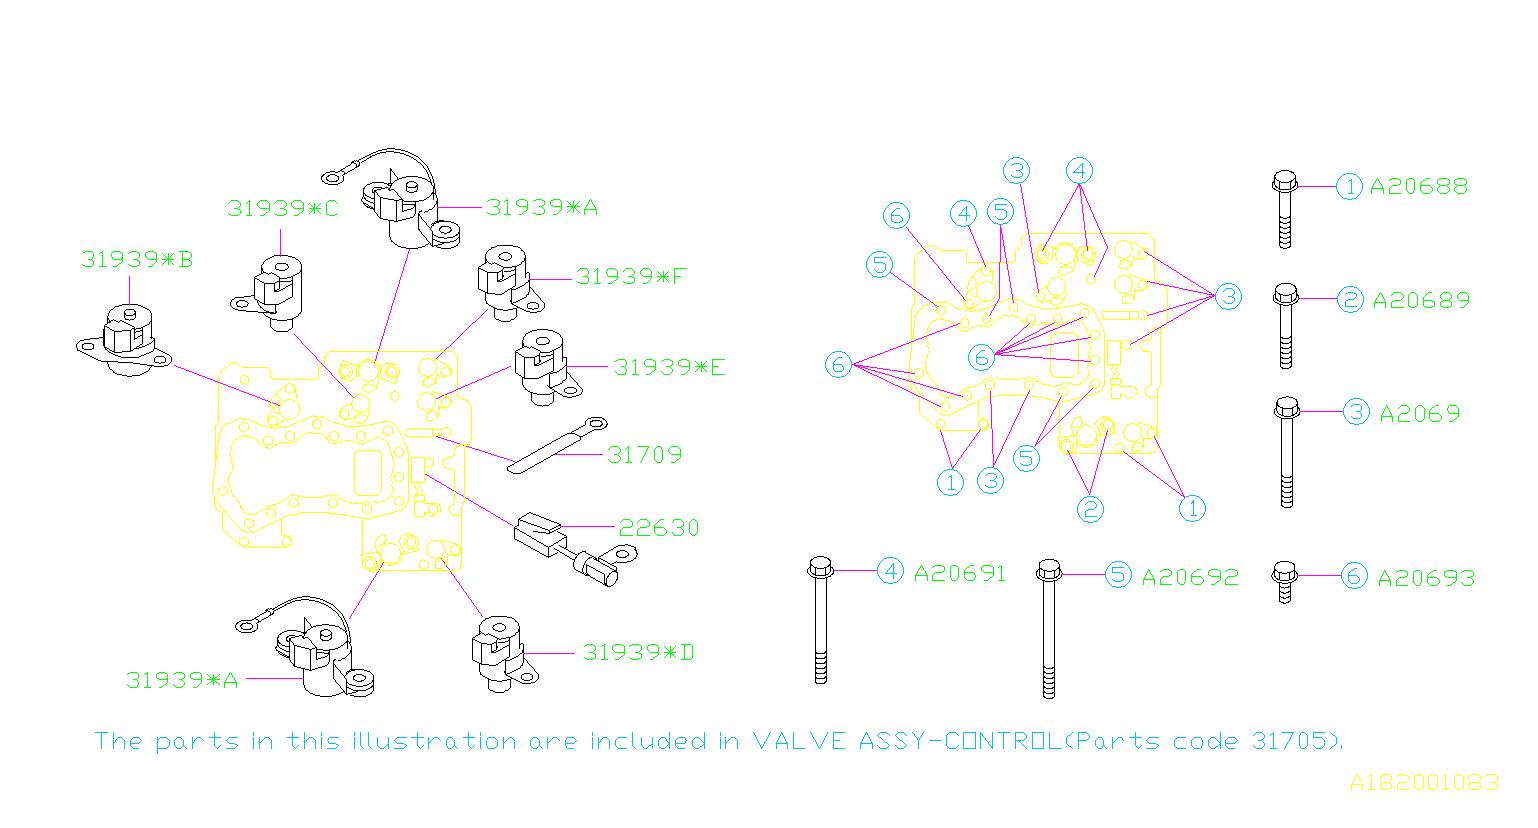 22630aa090 - Temperature Sensor   661608  Control  Valve